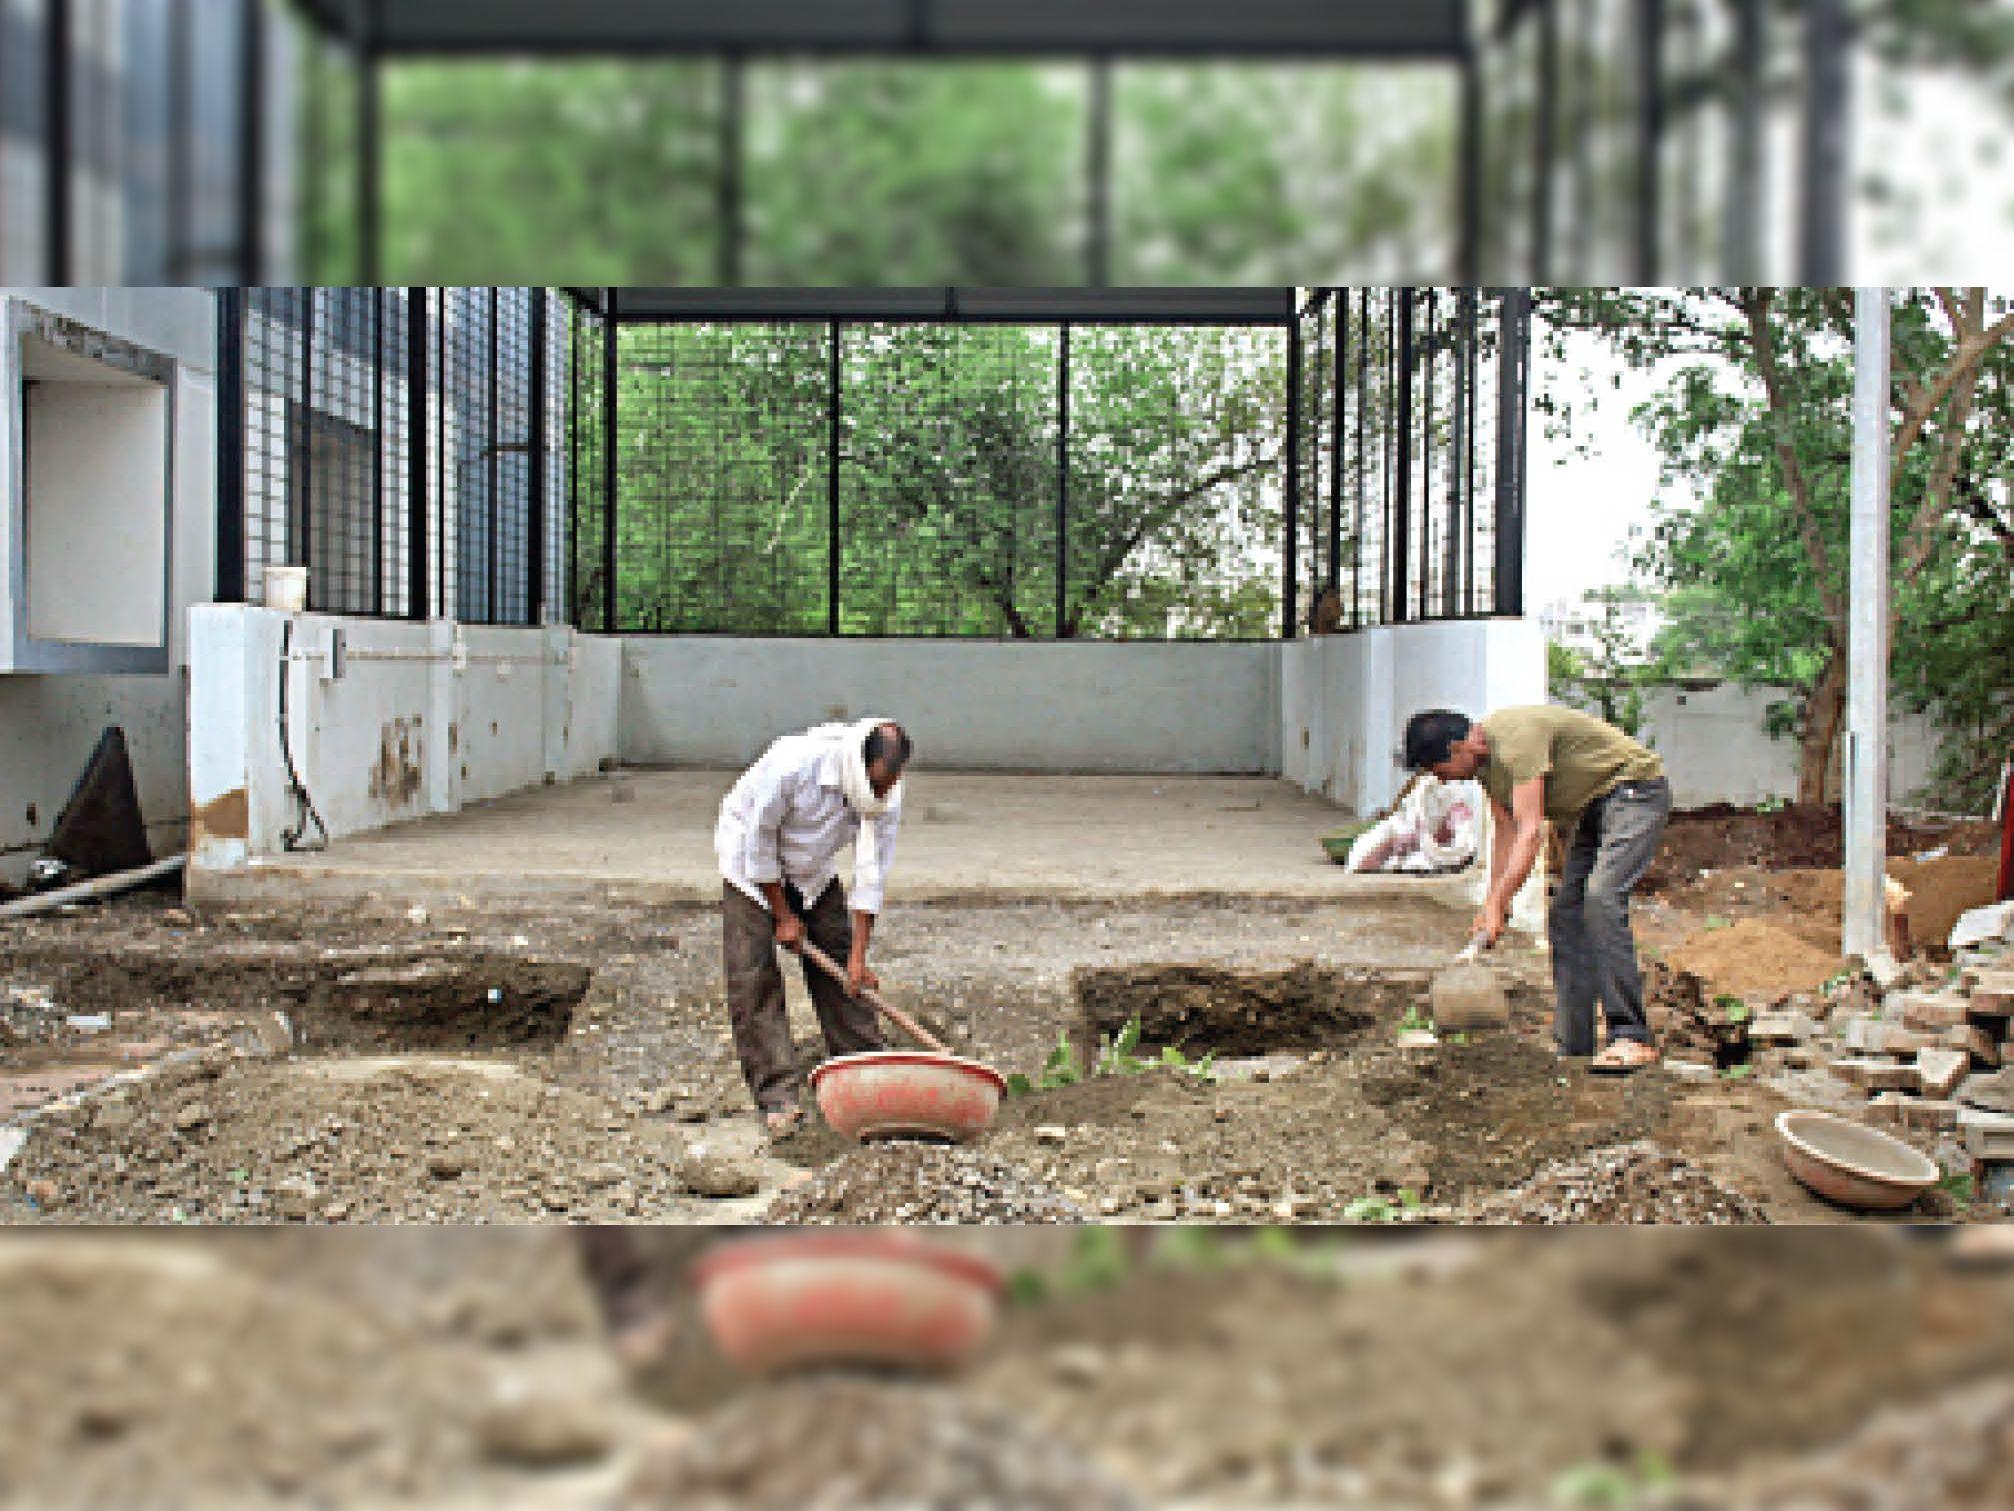 शेड बड़ा करने का काम शुरू, कोरोना की तीसरी लहर से पहले हो रही तैयारी|बुरहानपुर,Burhanpur - Dainik Bhaskar